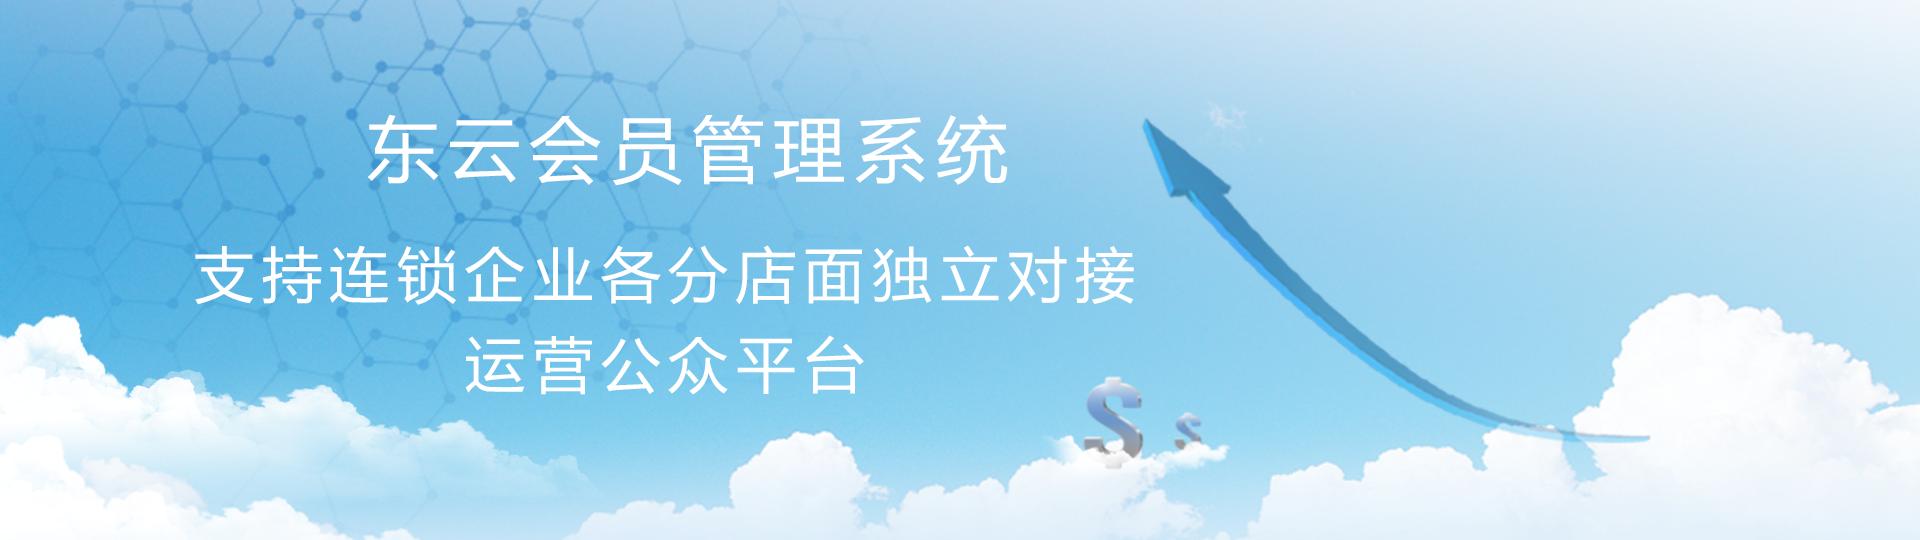 东云会员管理系统